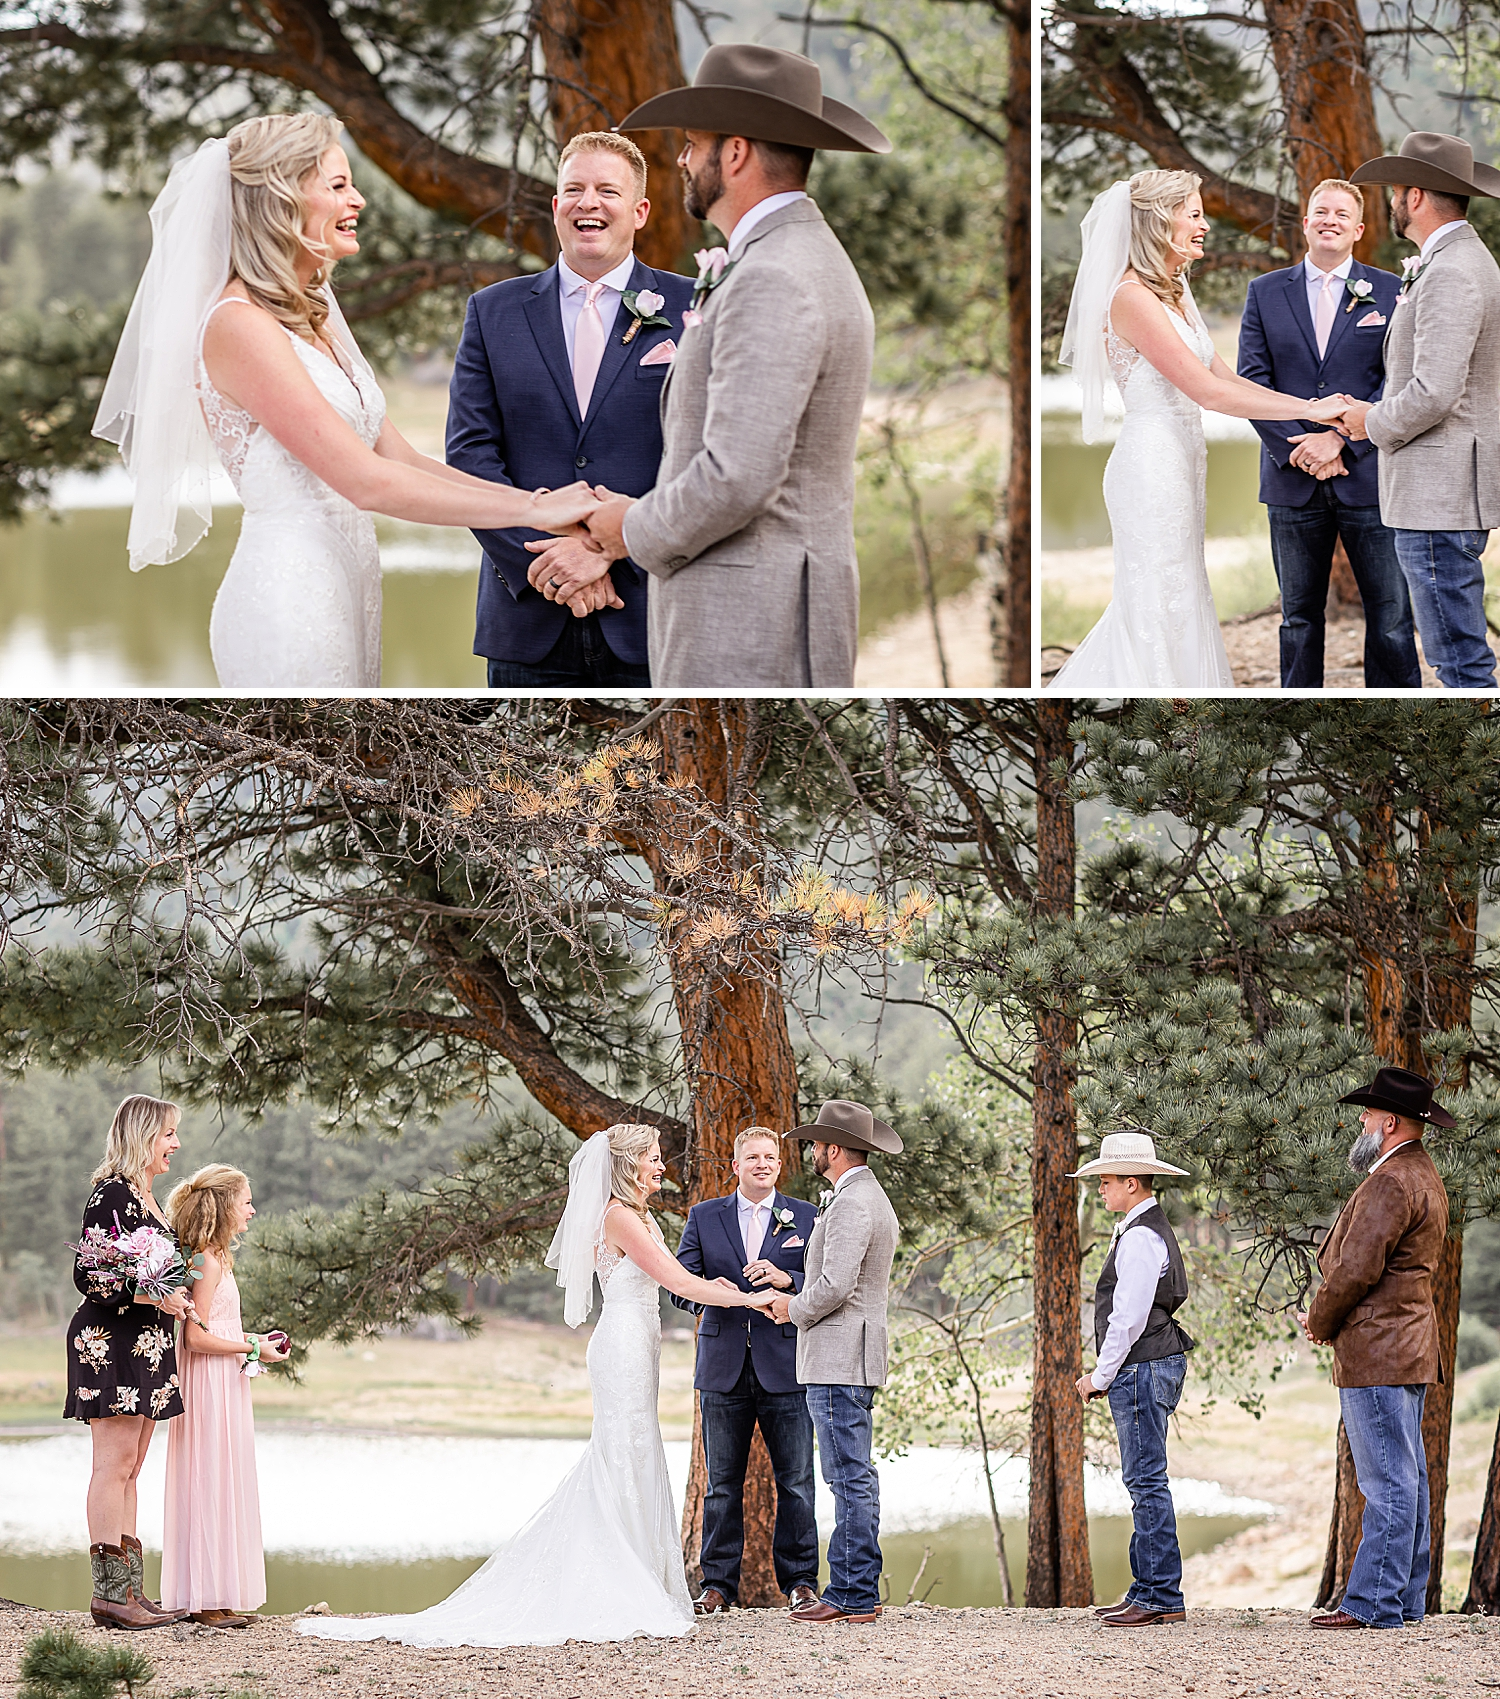 Carly-Barton-Photography-Rocky-Mountain-National-Park-Estes-Park-Wedding-Elopement_0084.jpg